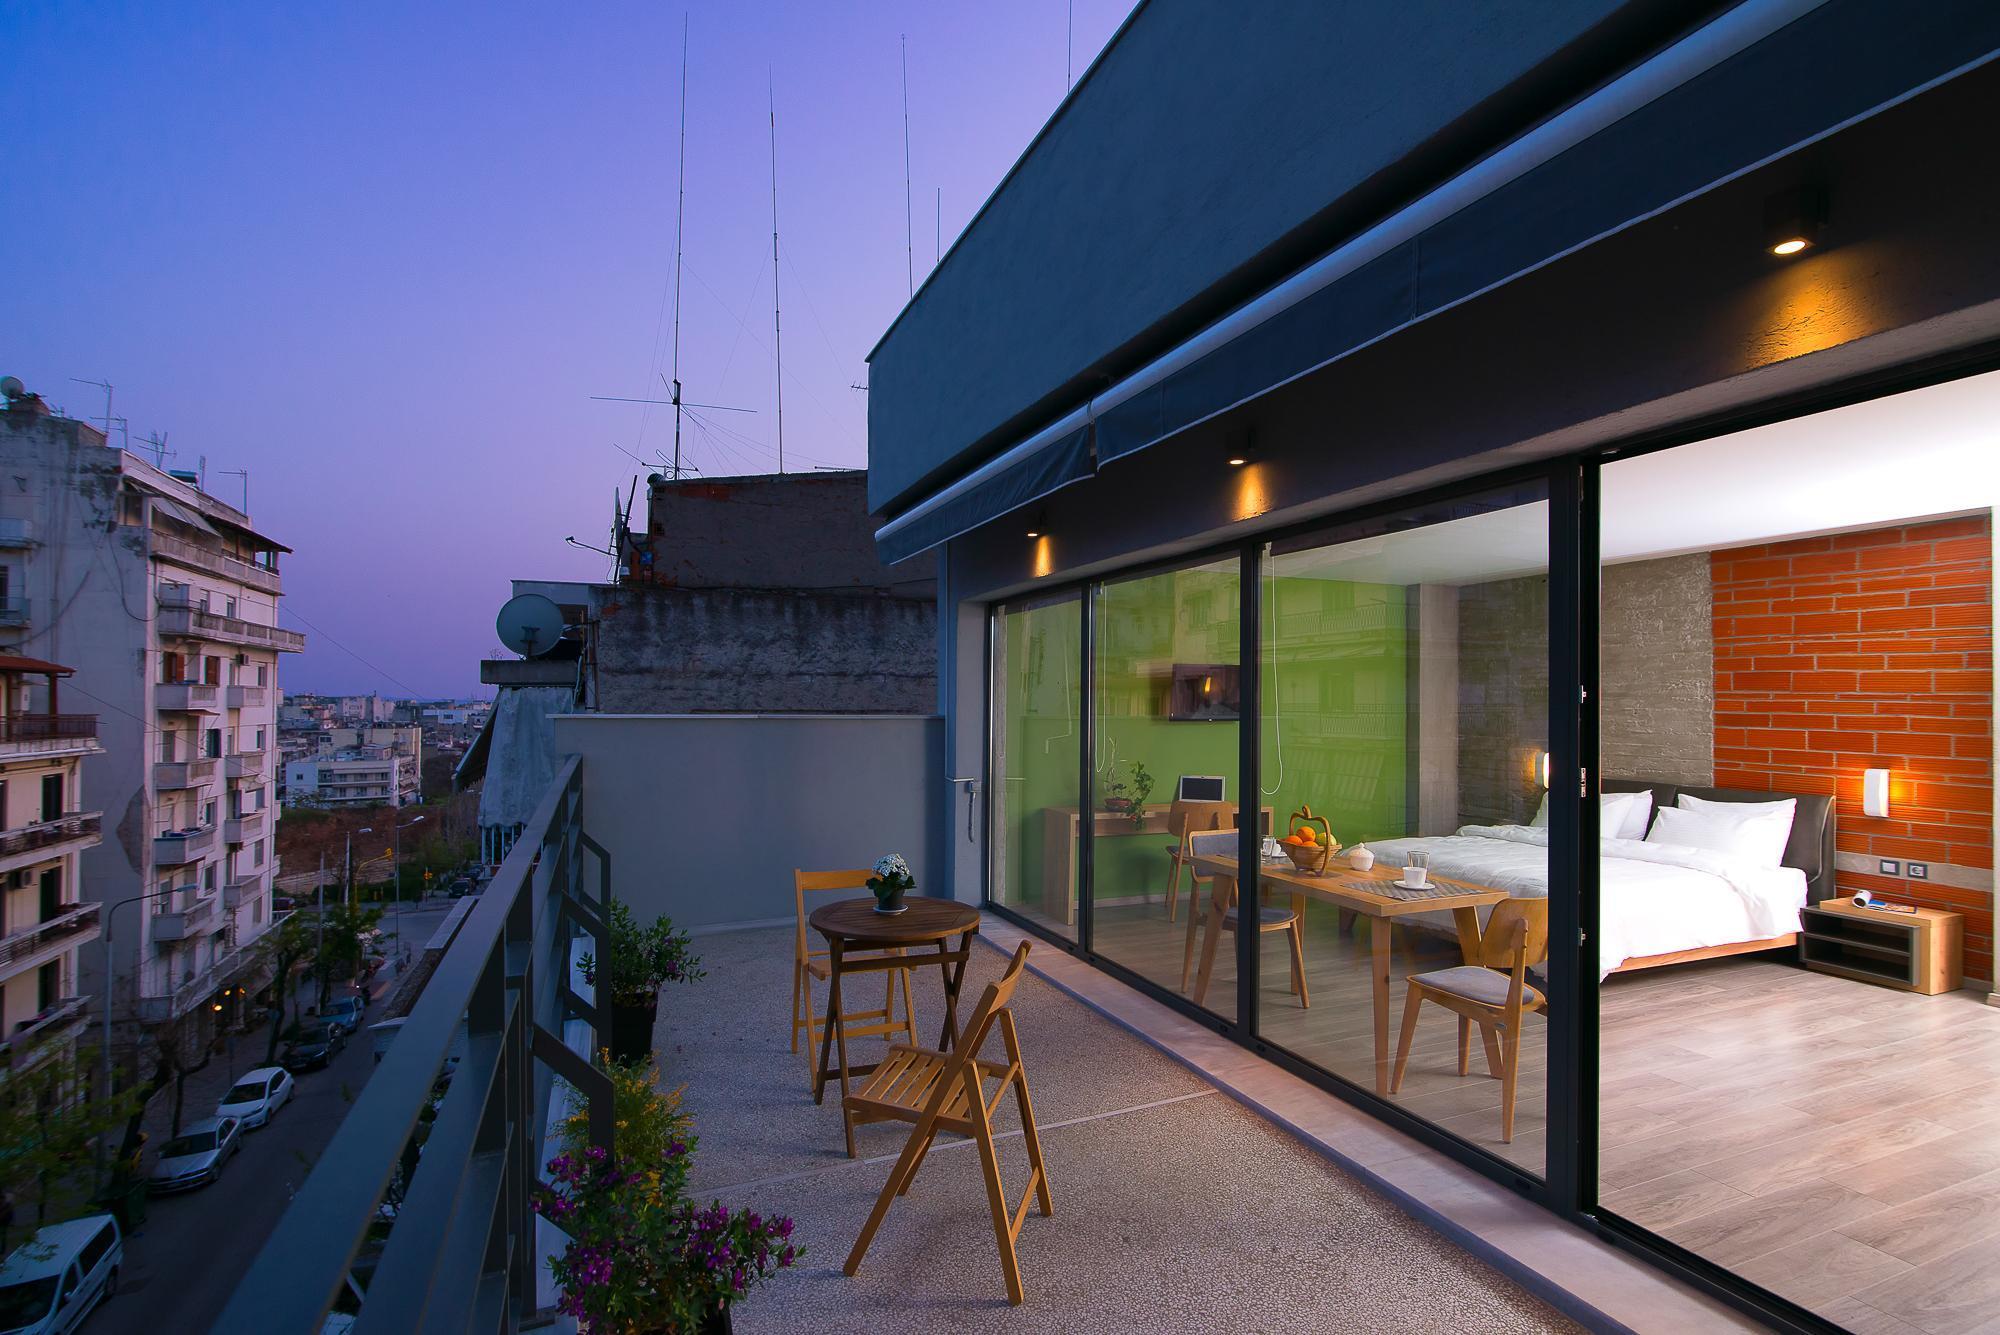 JUNIOR SUITE @ Urban Donkey Apartments